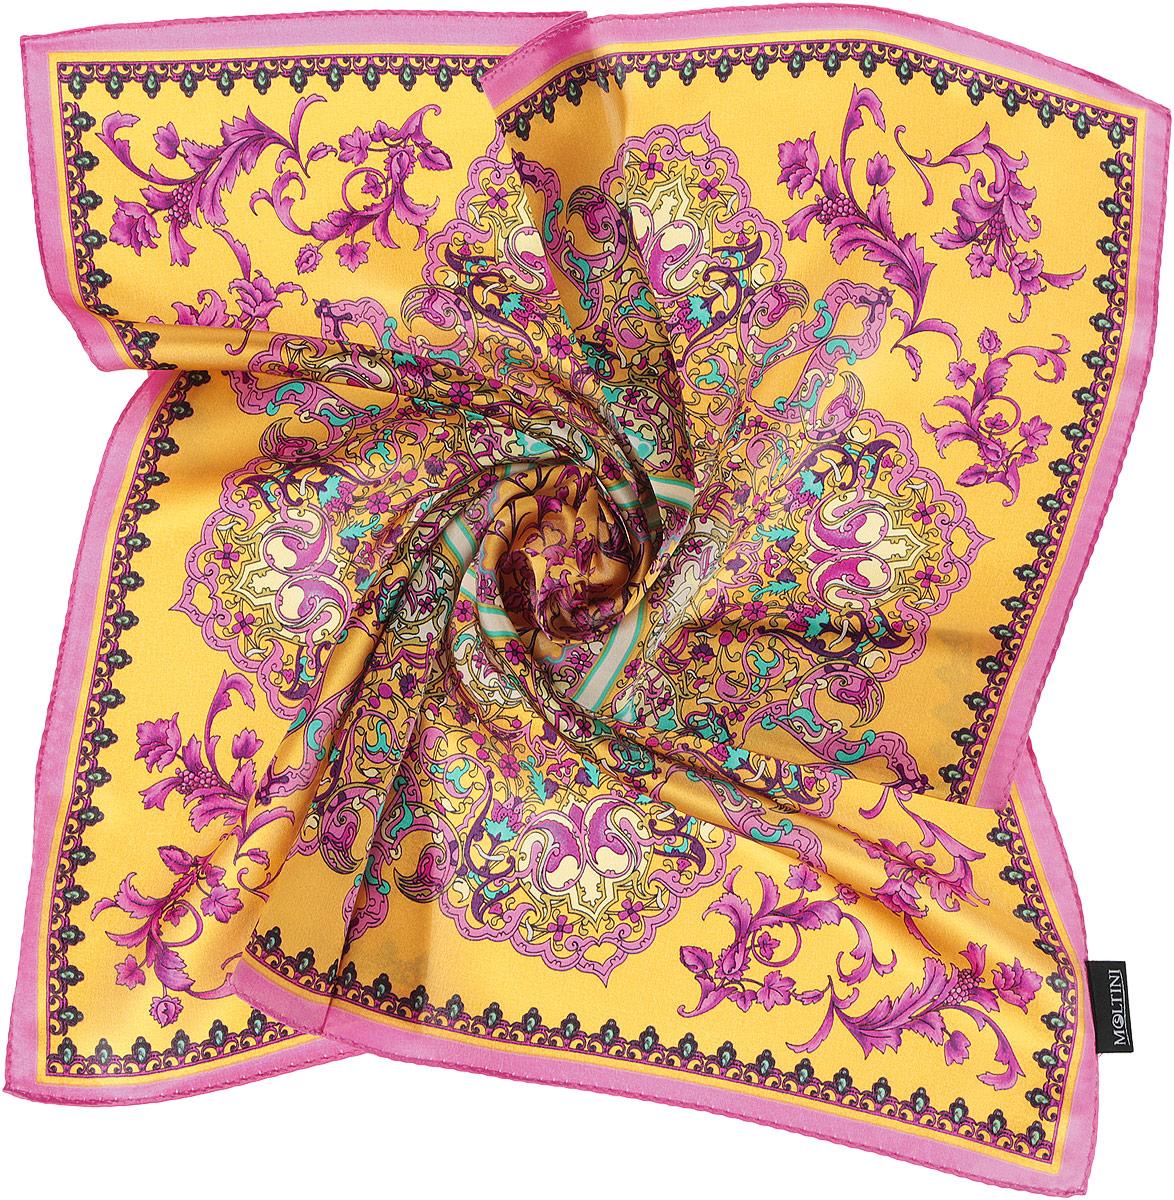 Платок женский Moltini, цвет: желтый, лиловый. 216119-1V. Размер 55 см х 55 см216119-1VИзумительный женский платок Moltini хочется носить бесконечно, что вполне реально благодаря высокому качеству. Данный аксессуар может стать изюминкой практически любого наряда. Модель изготовлена из шелка, благодаря чему полотно тонкое и легкое. Платок оформлен потрясающими узором и цветовой гаммой.Платок Moltini станет вашим верным спутником, а окружающие обязательно будут обращать свое восторженное внимание на вас.